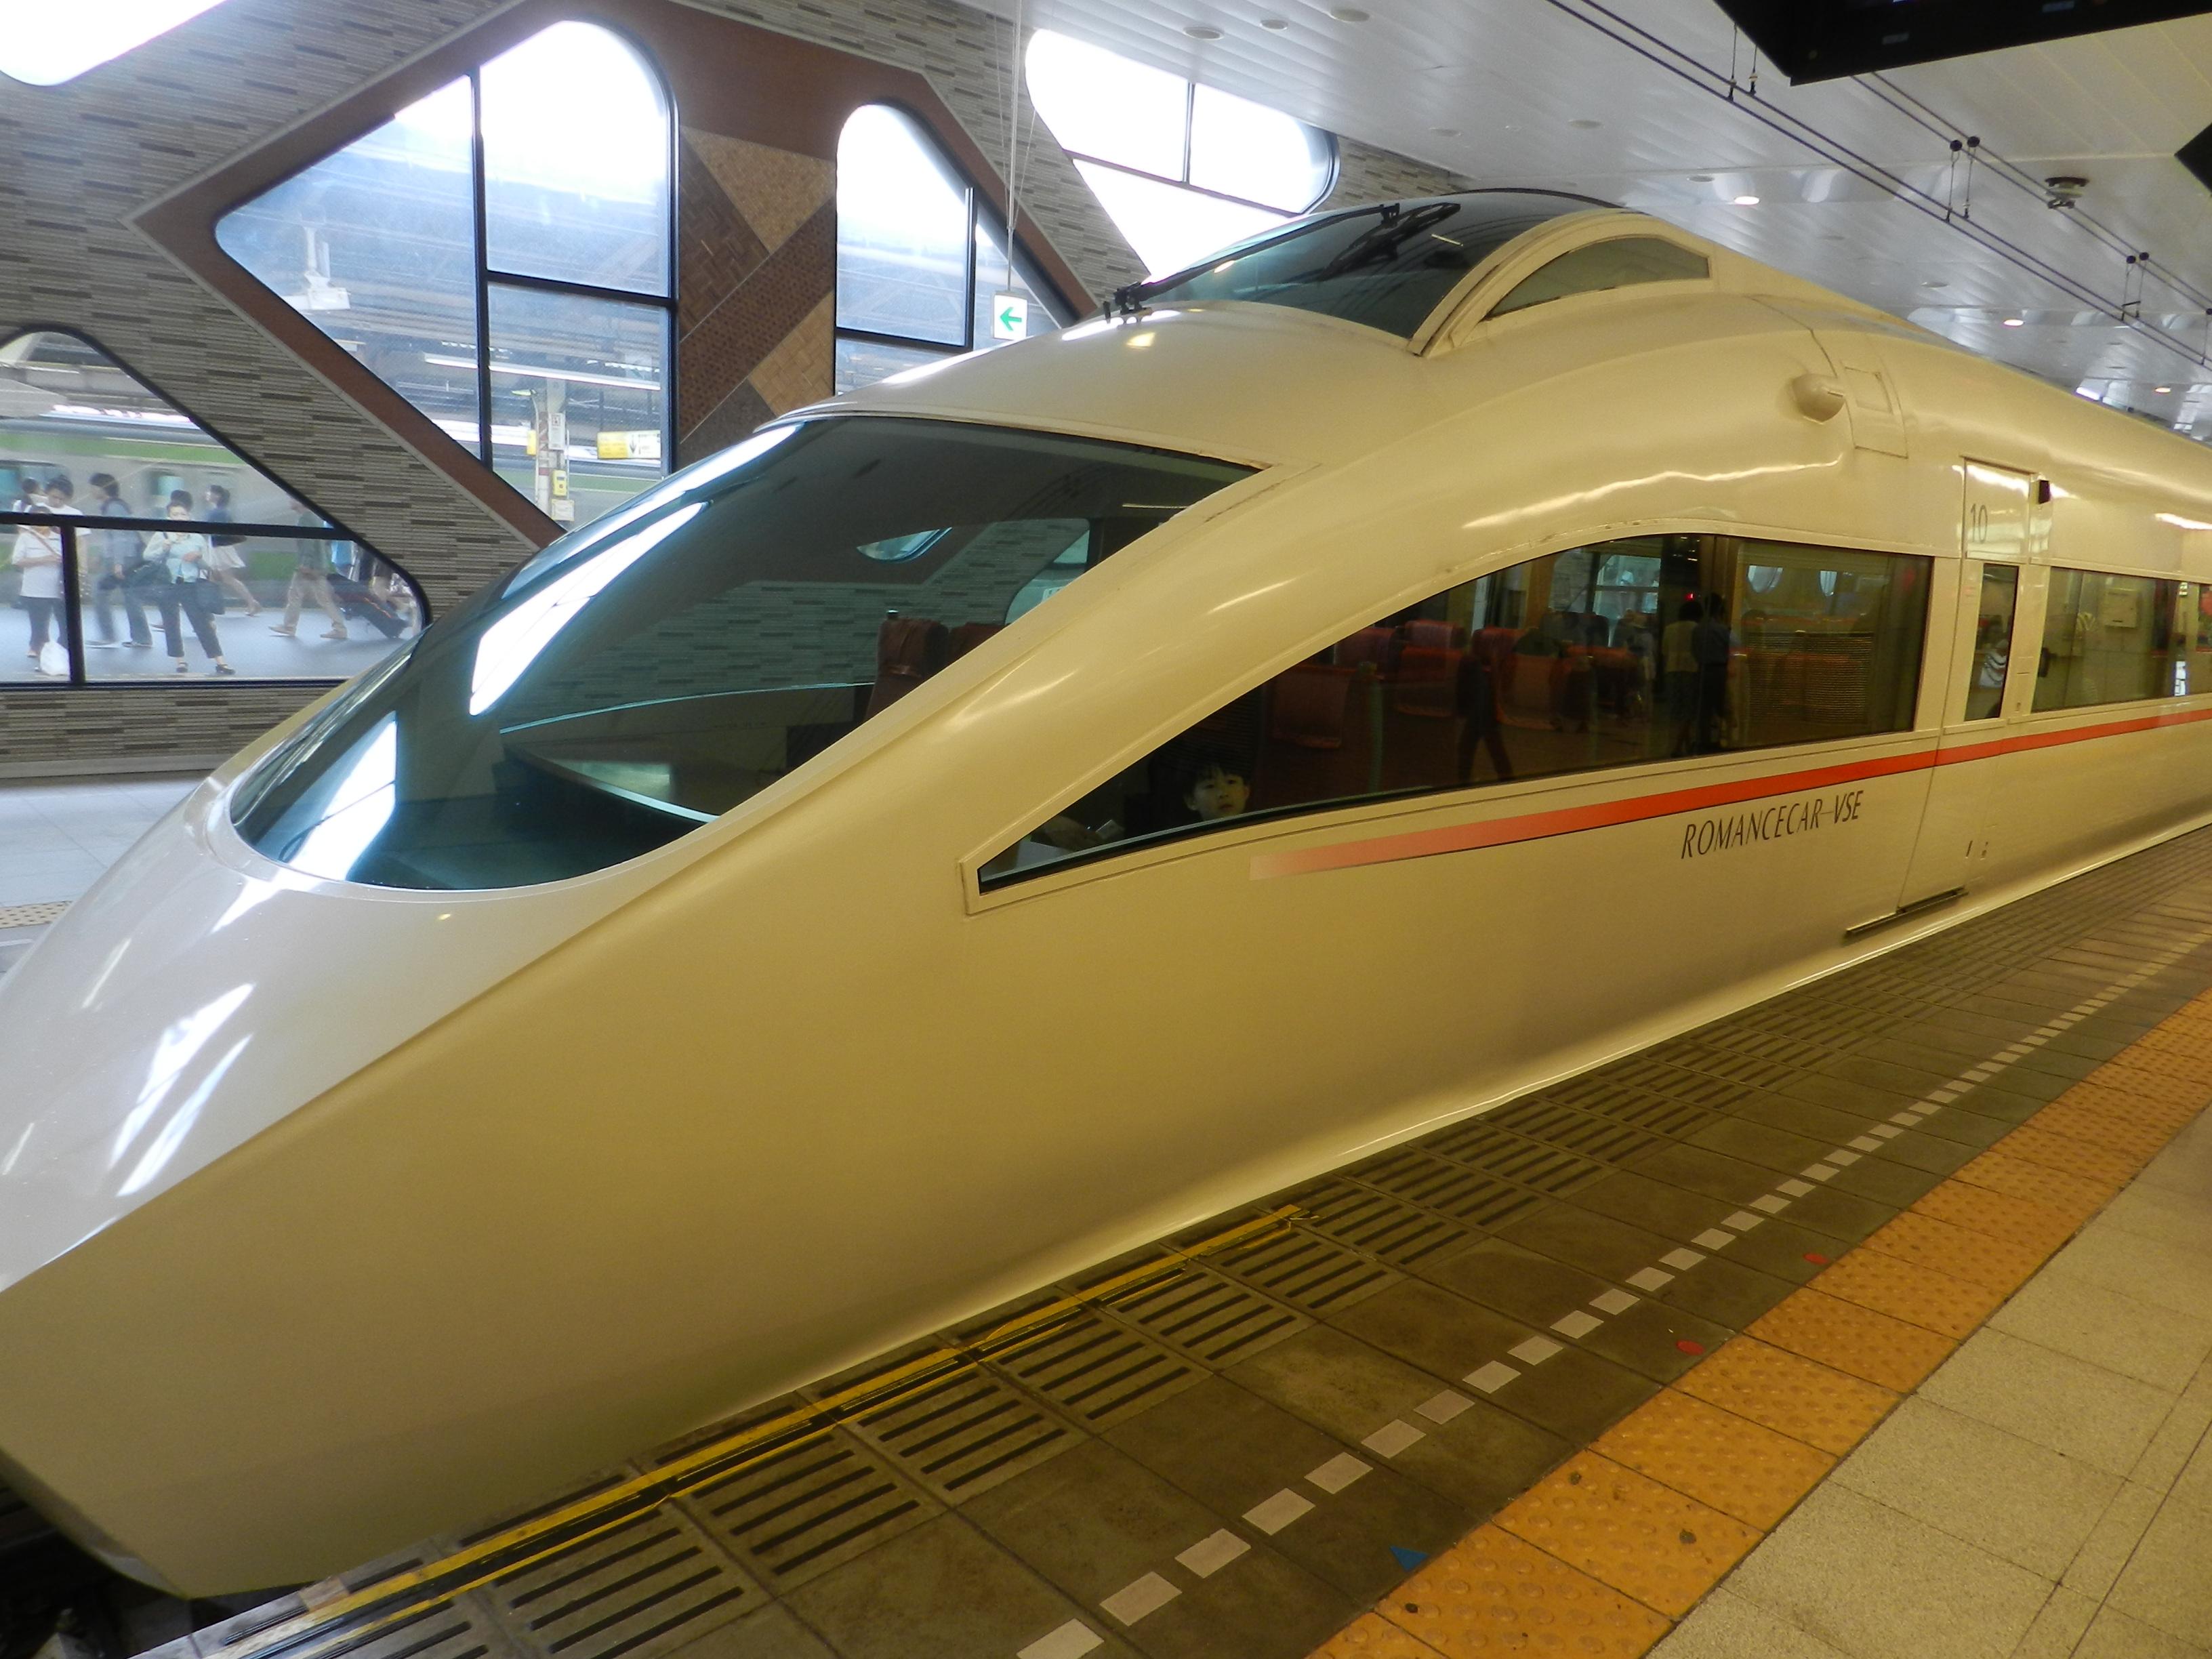 DSCN1743.JPG